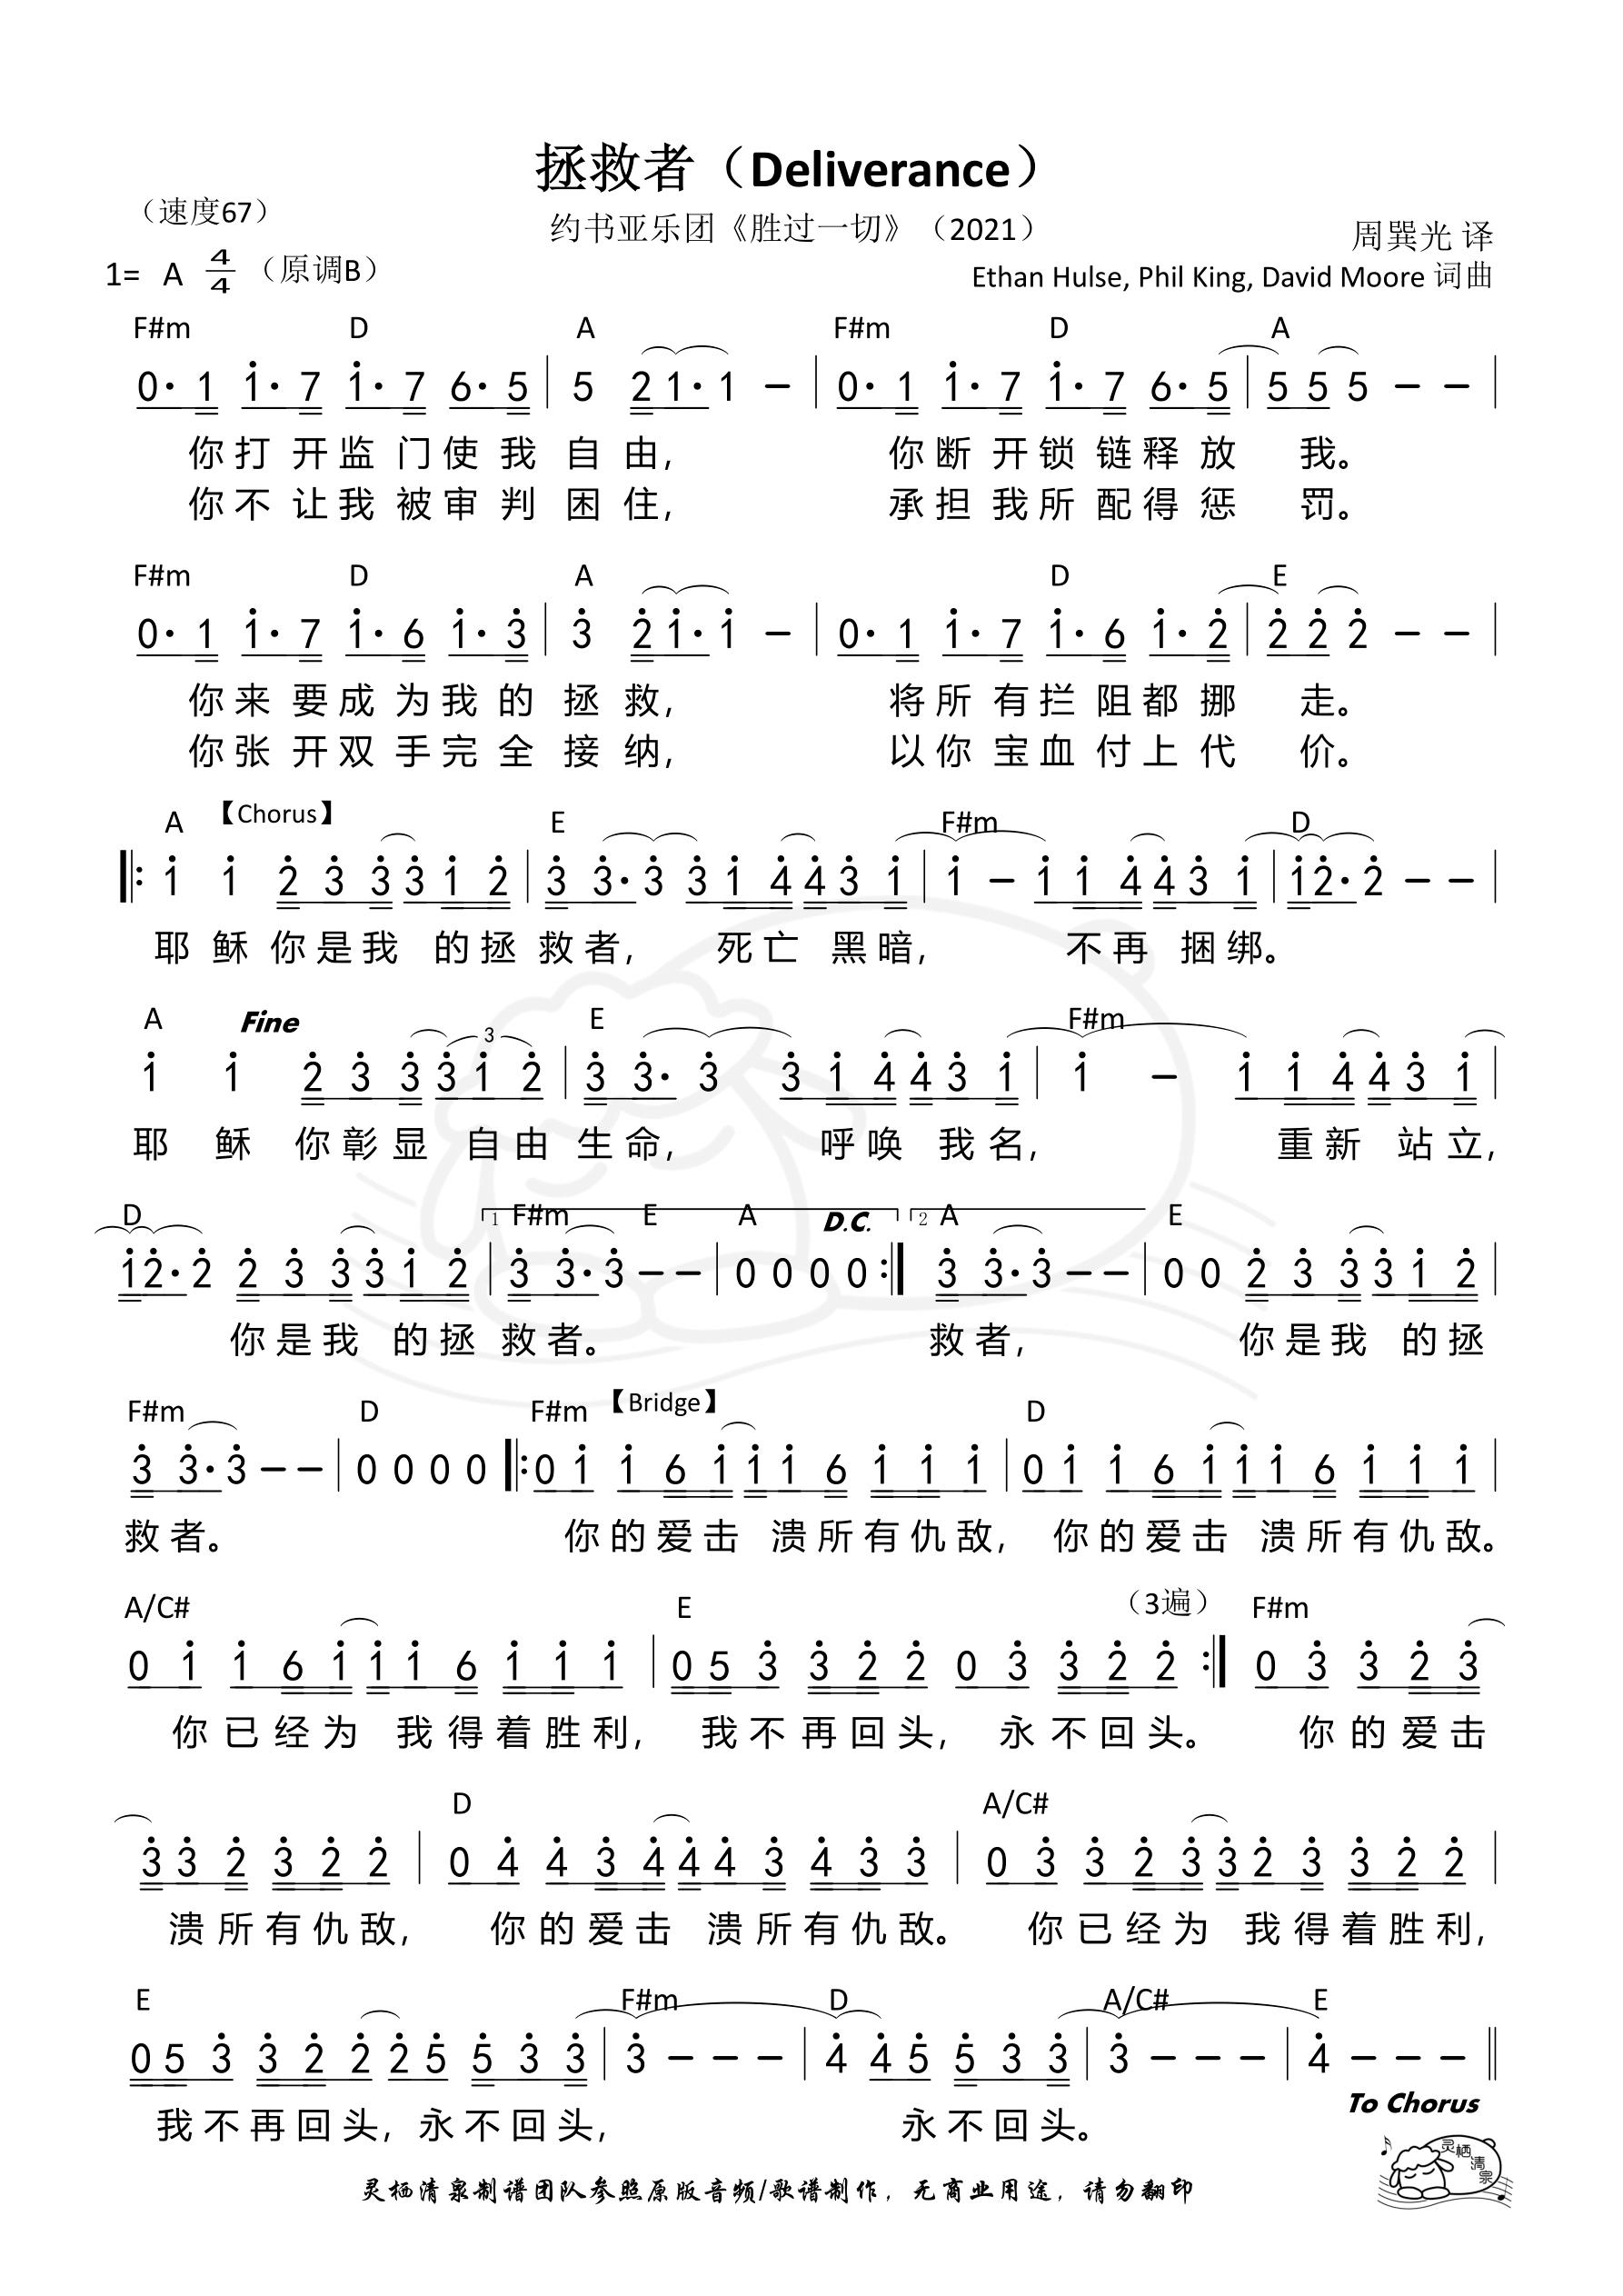 《第225首 - 拯救者 和弦简谱》